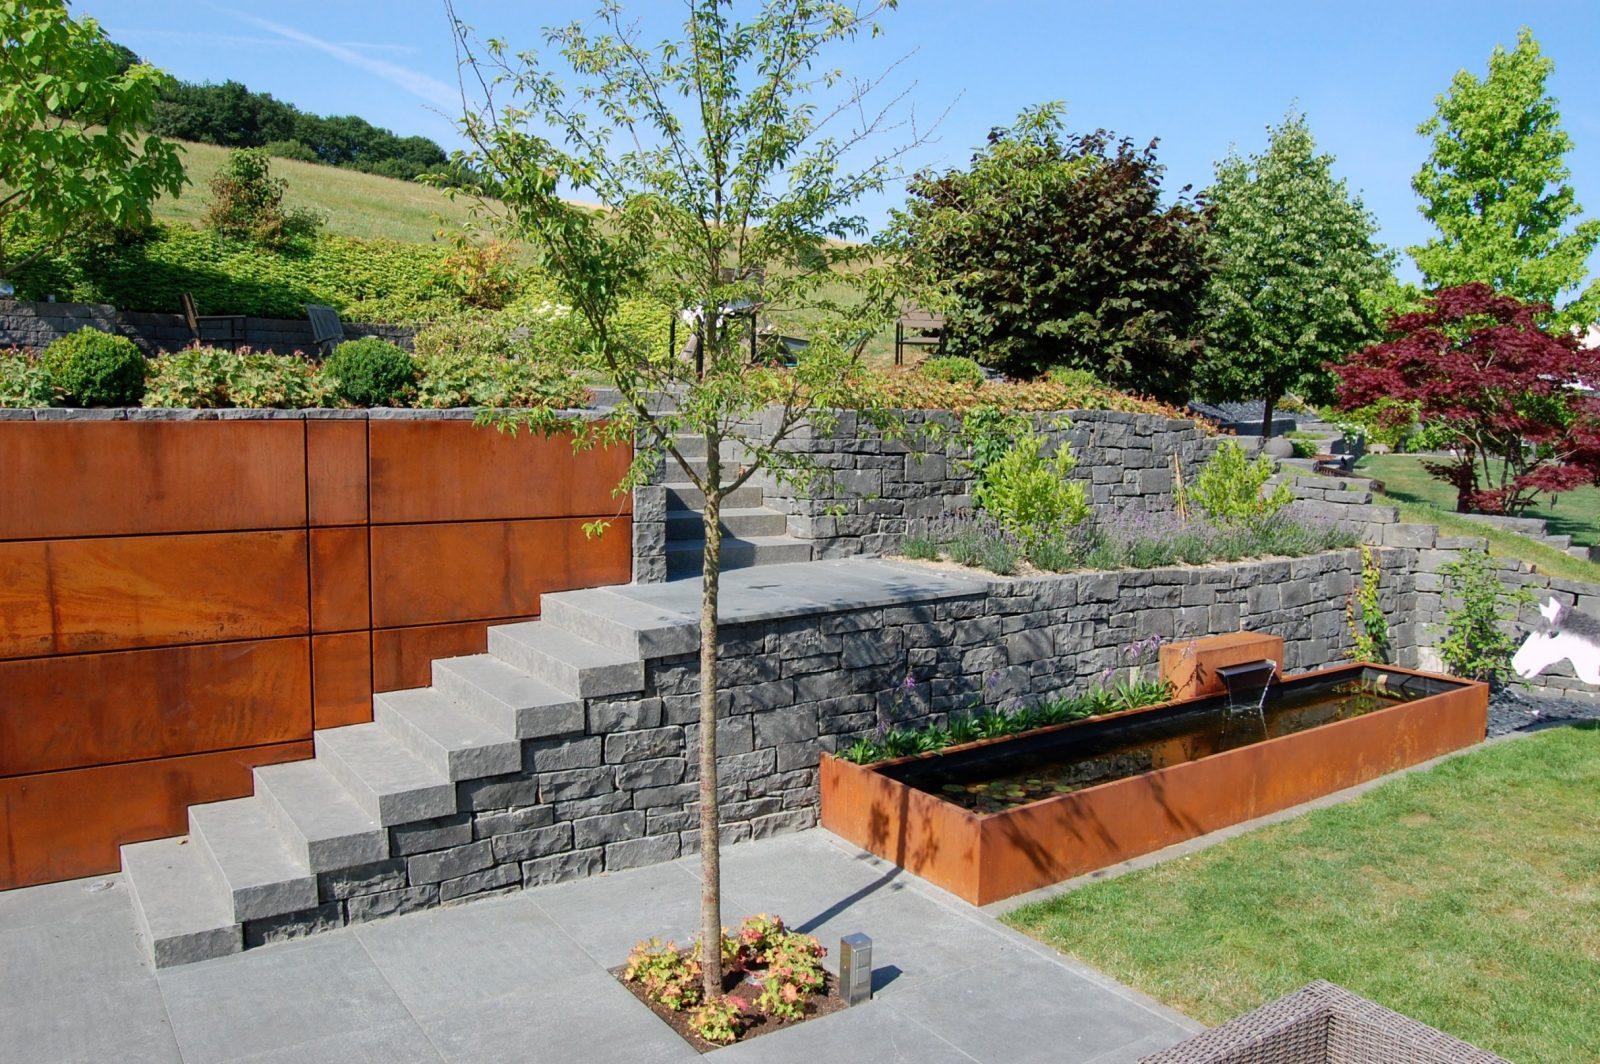 37 Neueste Sichtschutz Nachbar Für Ihr Garten Decor Ist Tolle Planen von Holzwände Für Den Garten Photo